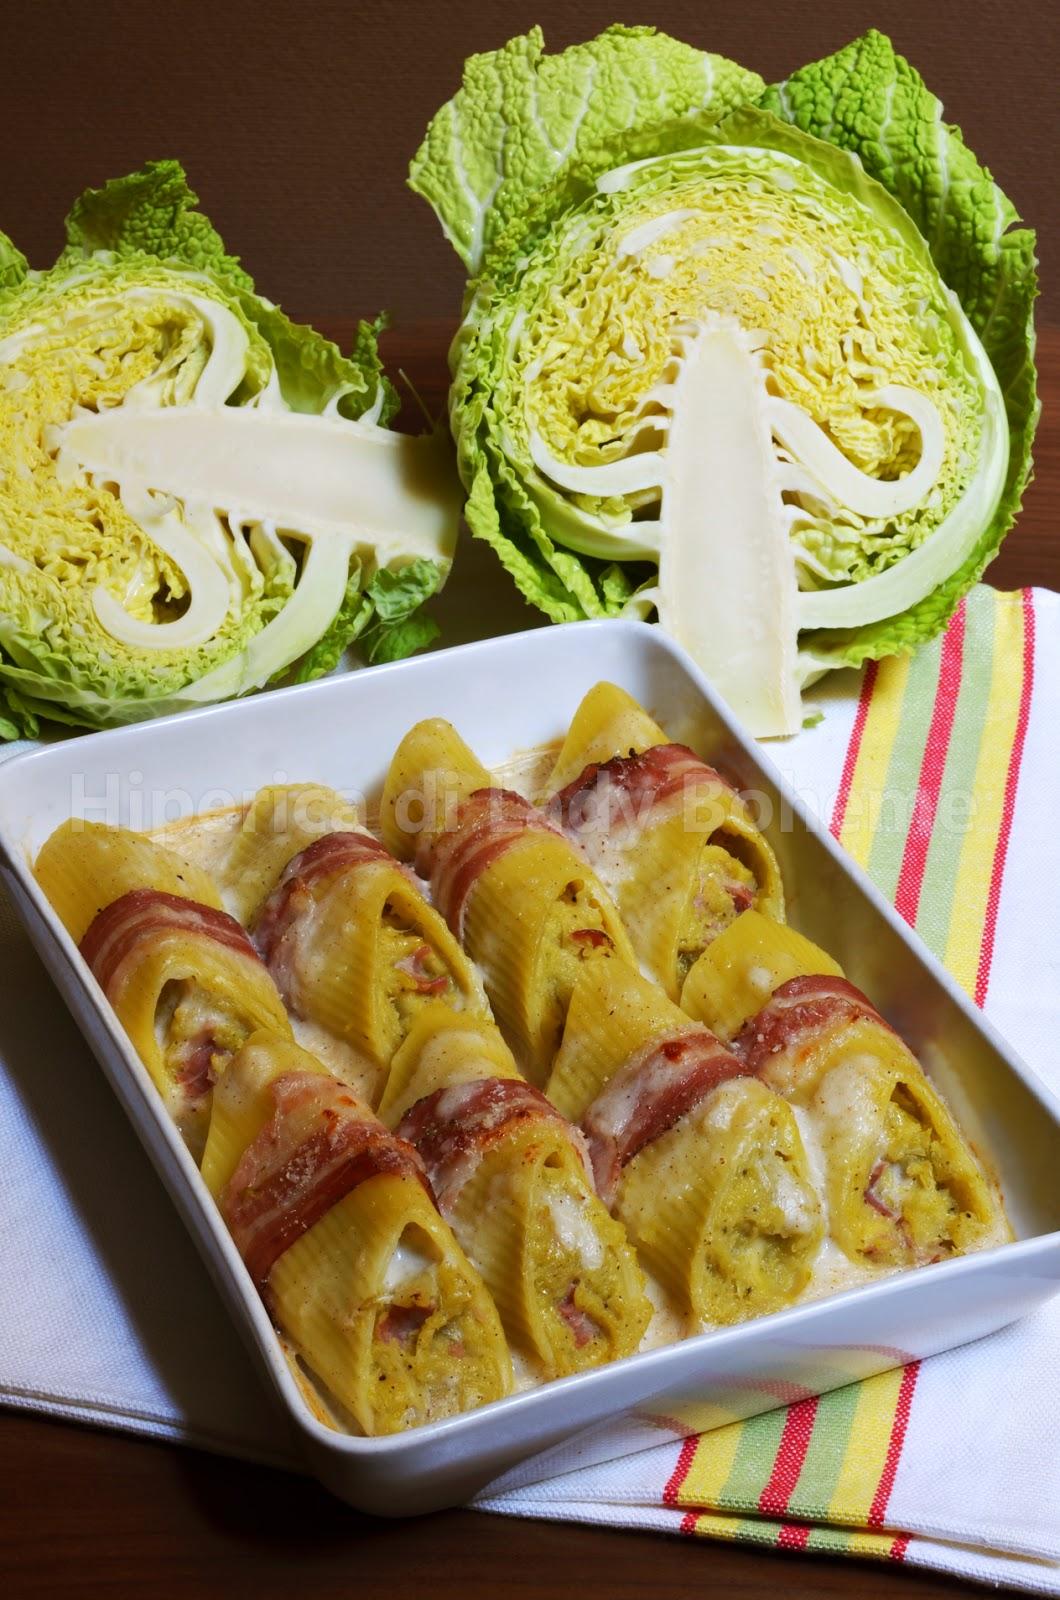 hiperica_lady_boheme_blog_di_cucina_ricette_gustose_facili_veloci_pennoni_ripieni_con_cavolo_verza_leerdammer_e_pancetta_1